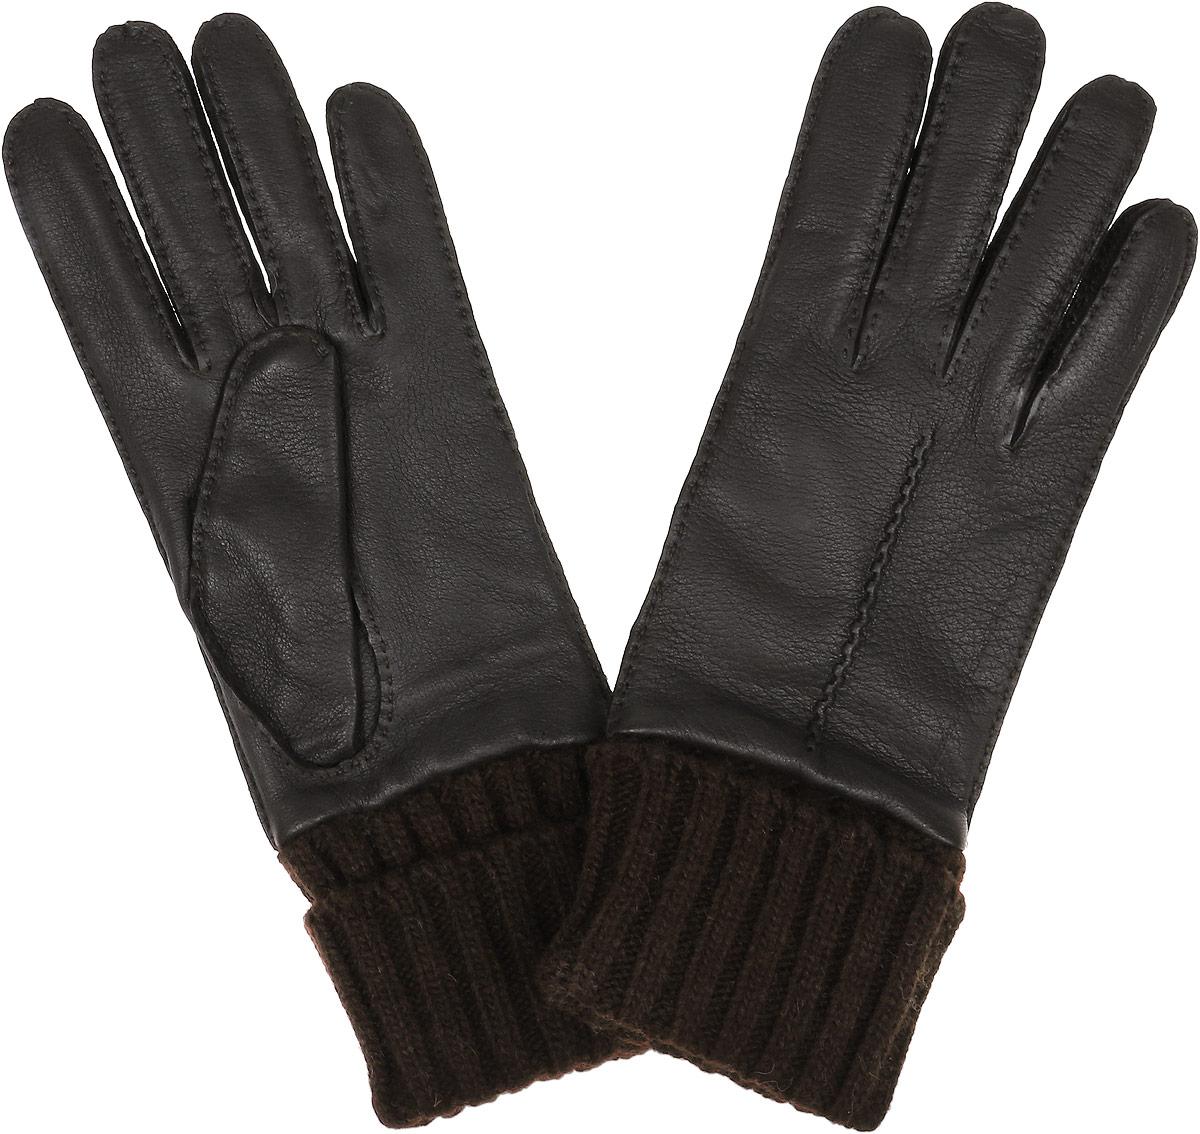 Перчатки женские Fabretti, цвет: темно-коричневый. 2.41-4. Размер 82.41-4 brownСтильные женские перчатки Fabretti не только защитят ваши руки, но и станут великолепным украшением. Перчатки выполнены из чрезвычайно мягкой и приятной на ощупь эфиопской перчаточной кожи, а их подкладка - из шерсти с добавлением кашемира. Модель дополнена вязаными манжетами и оформлена фактурным тиснением. Строчки-стежки придают перчаткам динамичное настроение. Стильный аксессуар для повседневного образа.